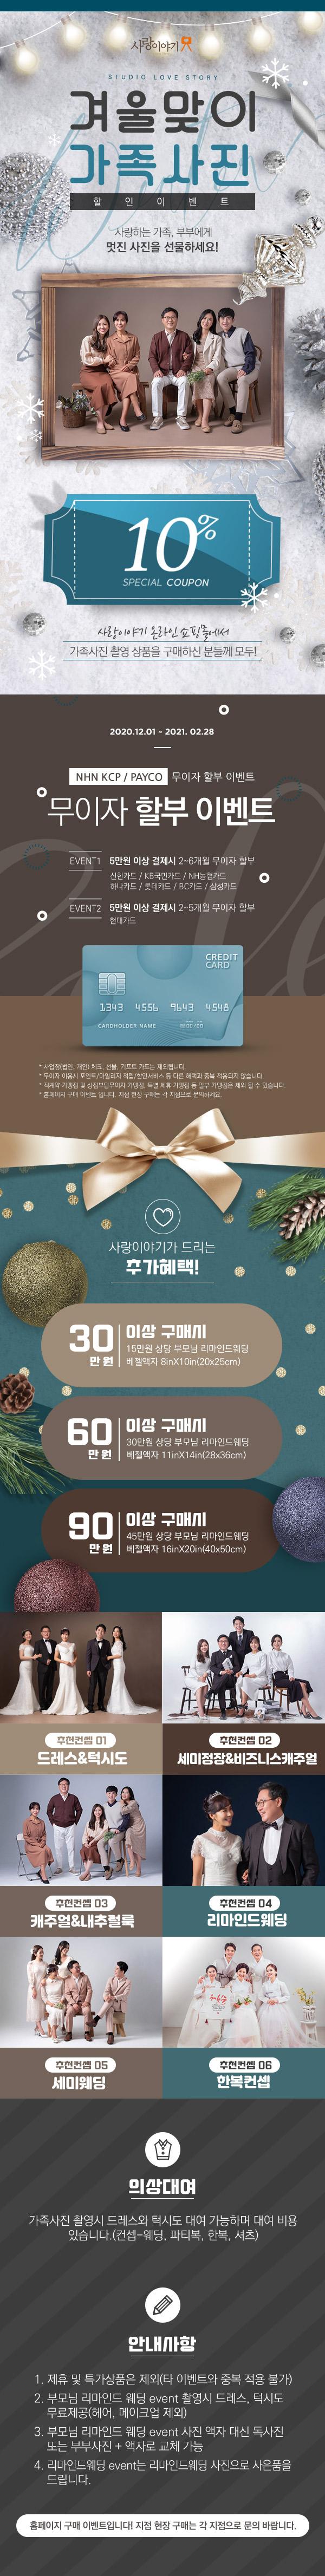 20201130_사랑이야기_이벤트페이지(겨울)-72.jpg